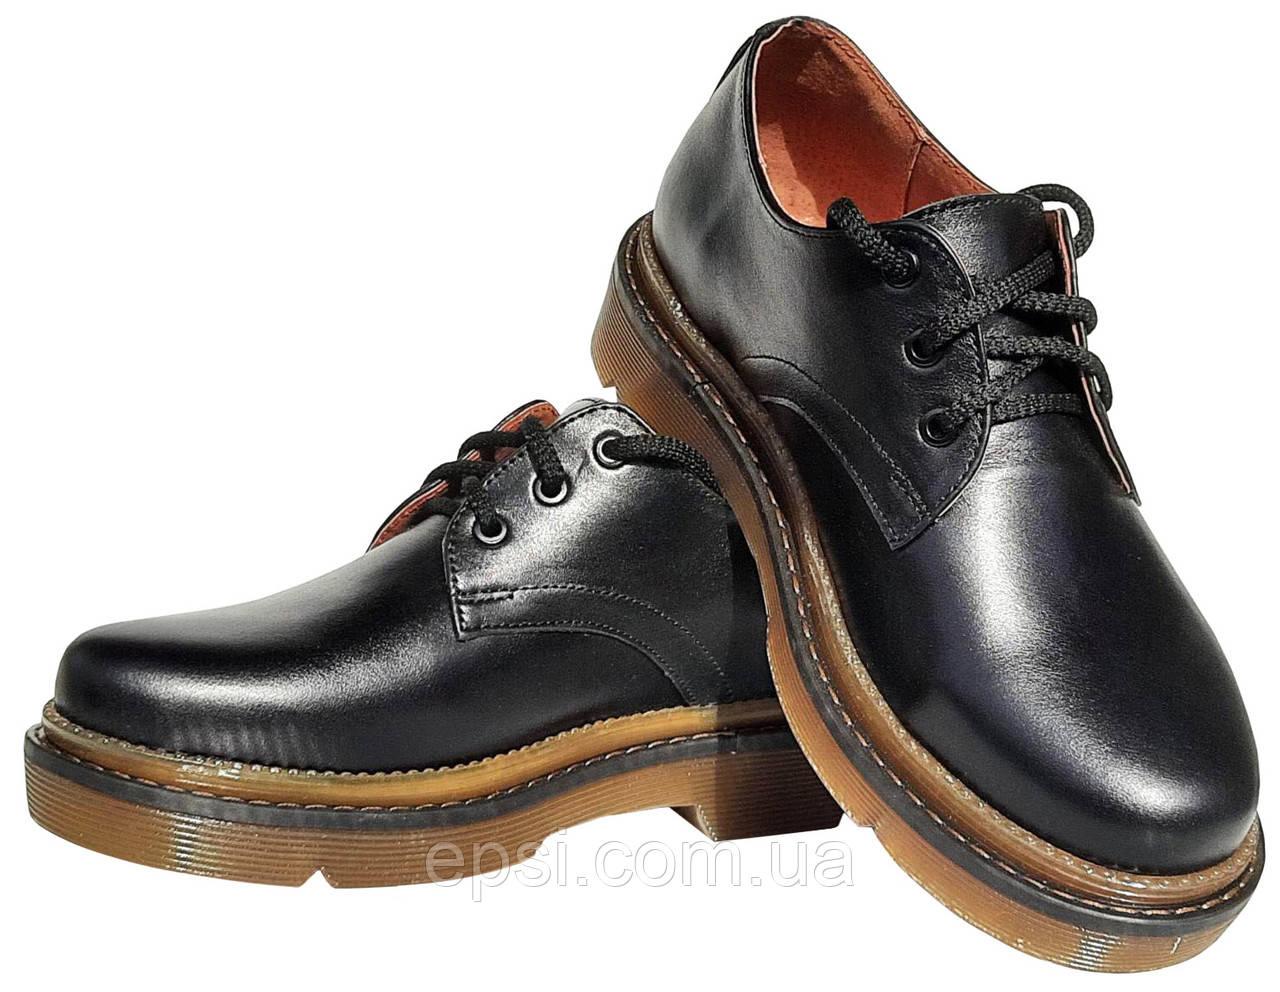 Женские кожаные туфли мартинс Kurag 1-010-36 черные 36